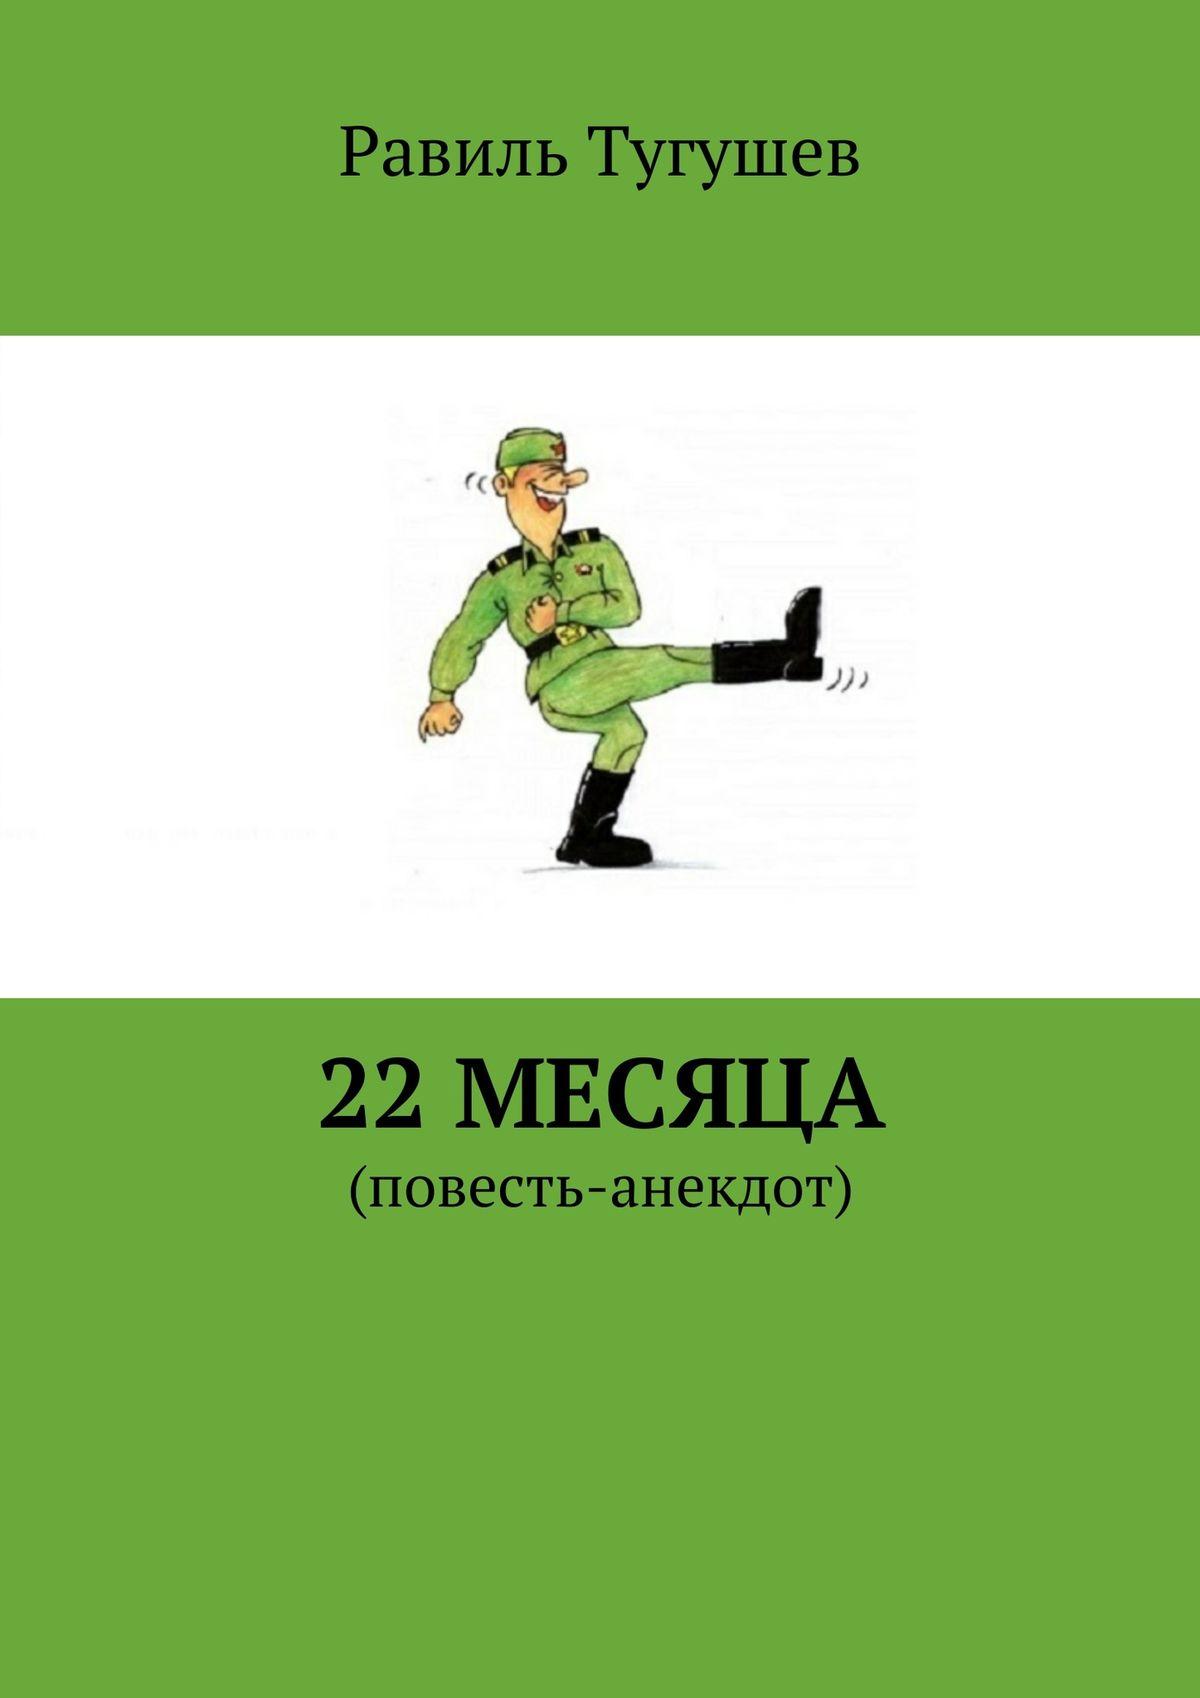 Равиль Тугушев 22месяца. Повесть-анекдот